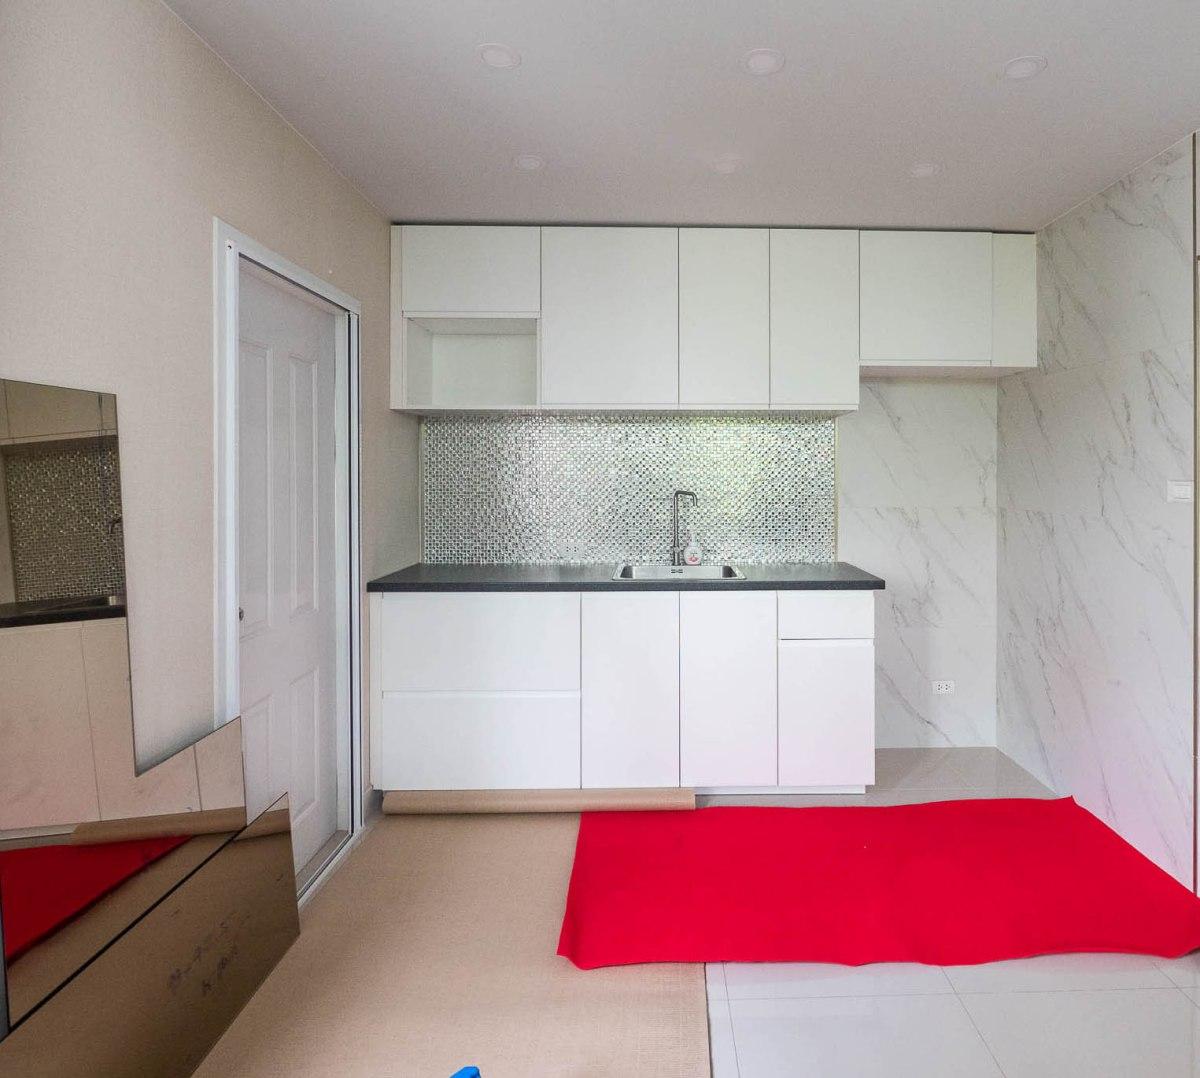 รีโนเวทครัว ให้สวยหรูสไตล์ Modern Luxury แบบจบงานไว ไม่กระทบโครงสร้างเดิม 82 - jorakay